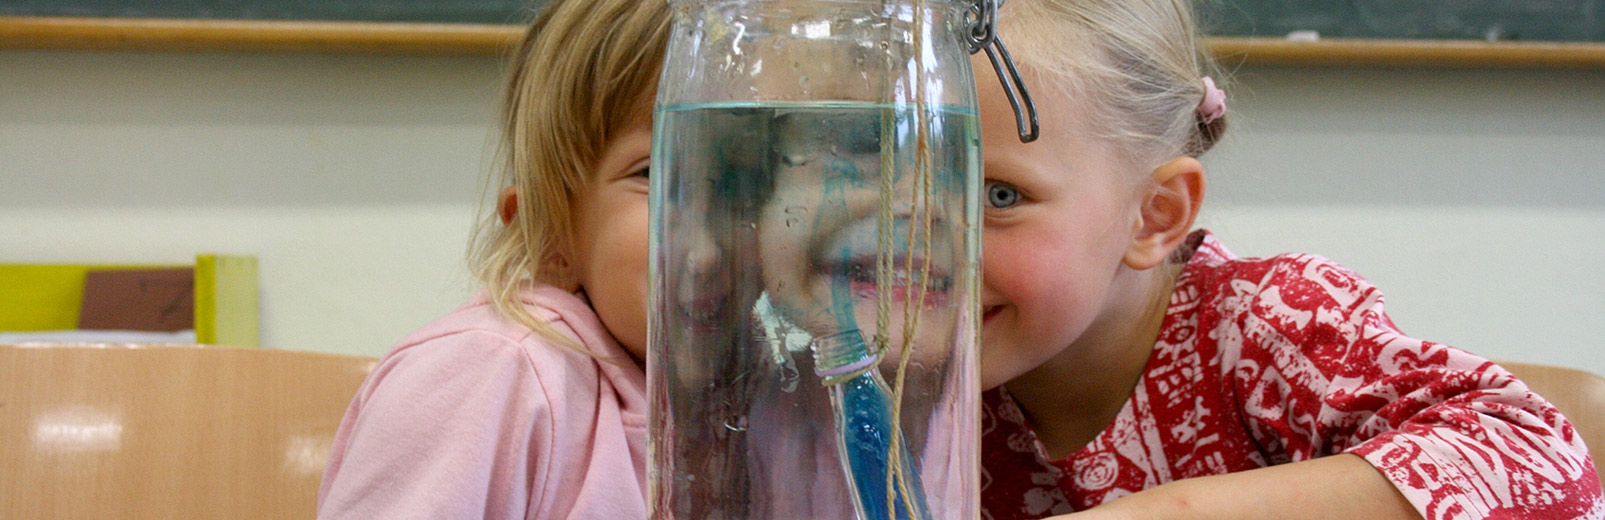 aedchen sitzen vor einem Wasserglas